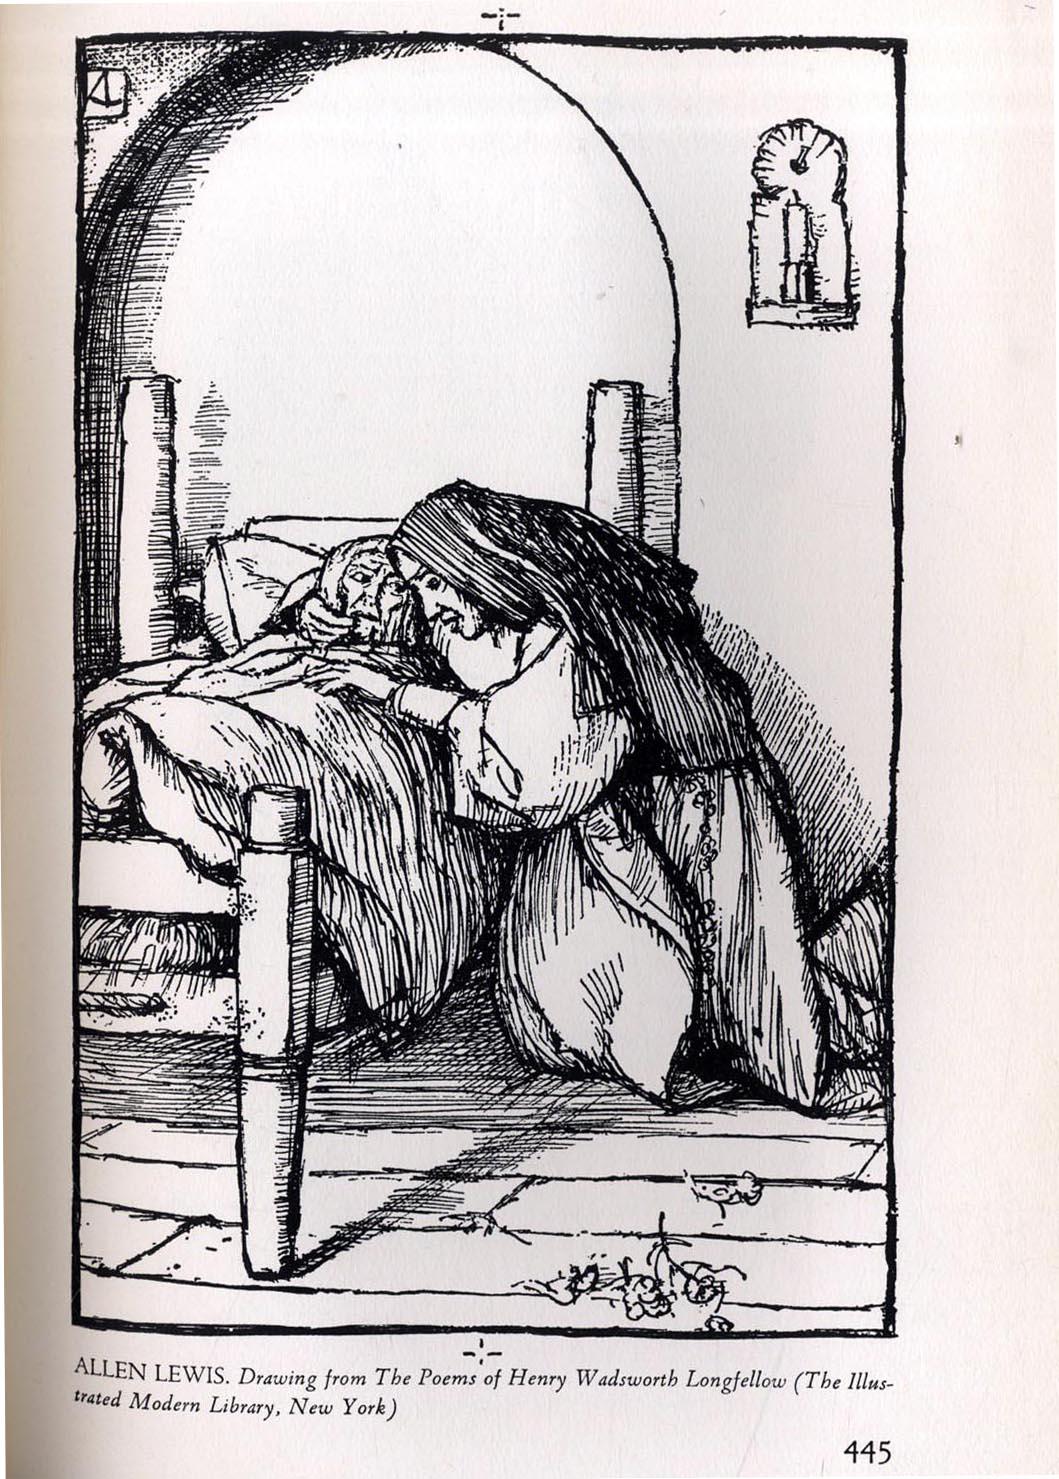 Howard Simon, 500 Years of srt in illustration, 1942 Gallery 2